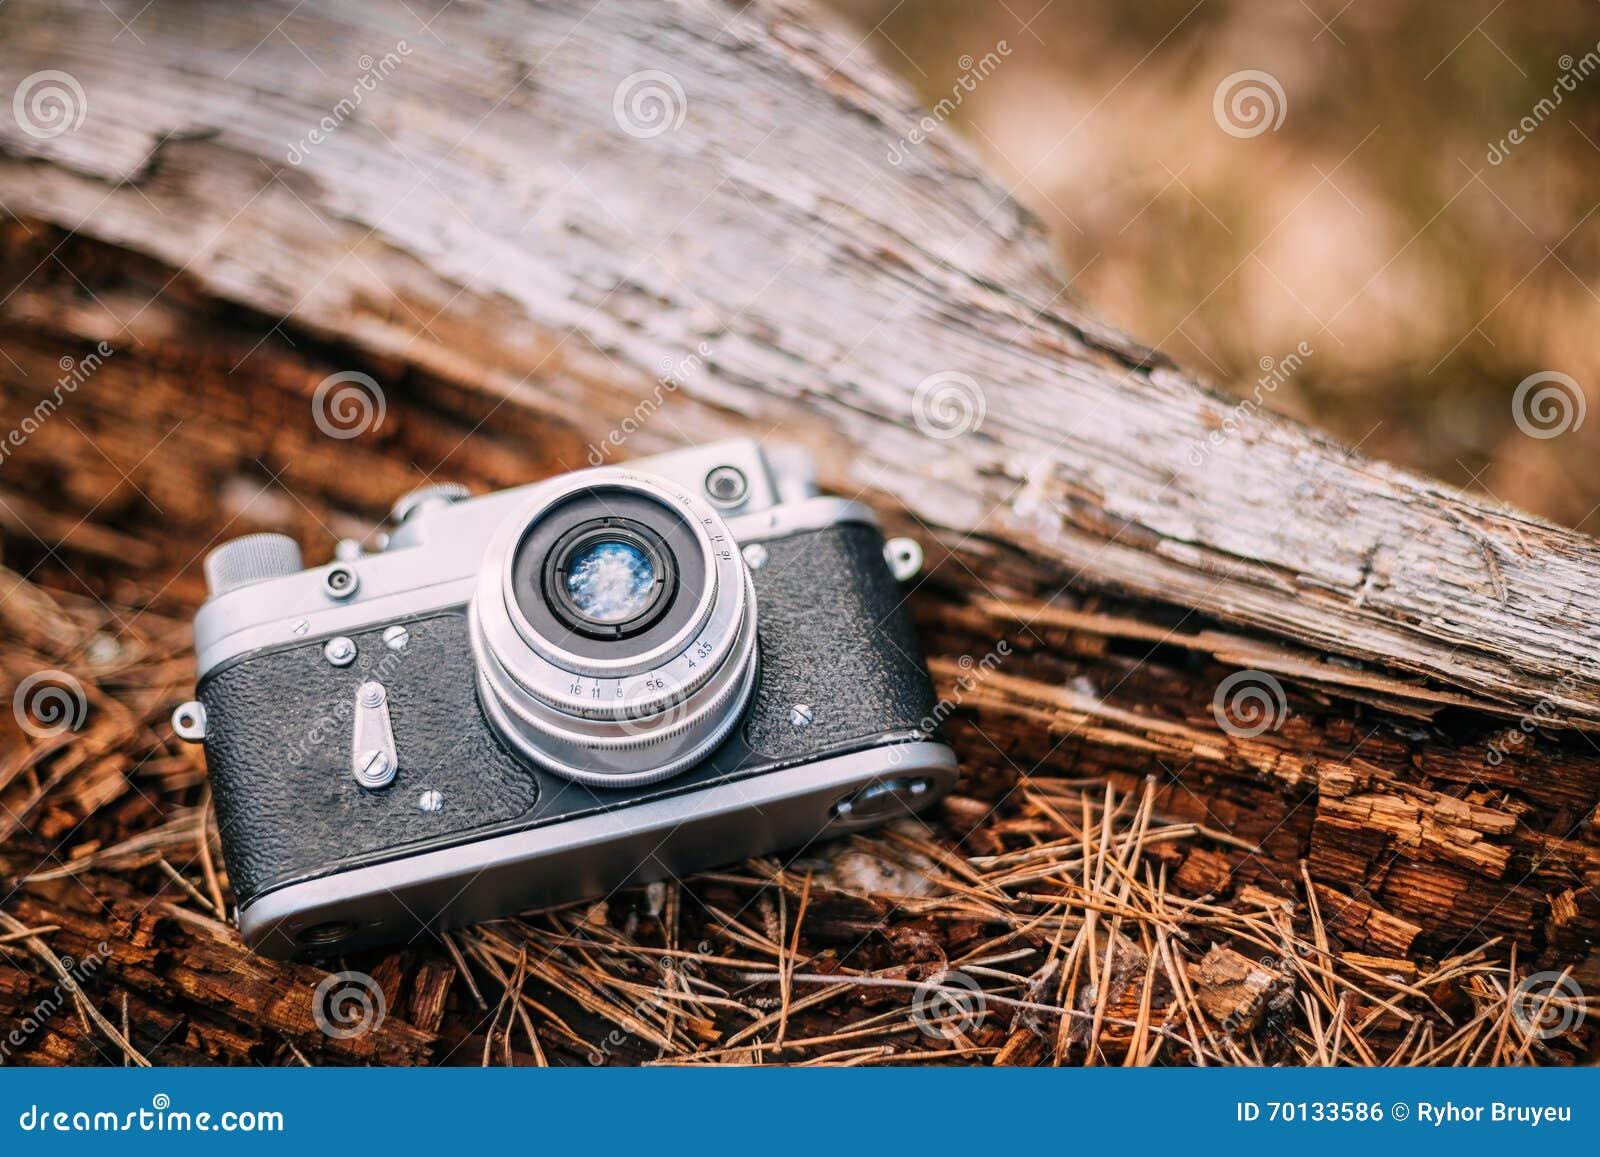 Alte weinlese klein format entfernungsmesser kamera s